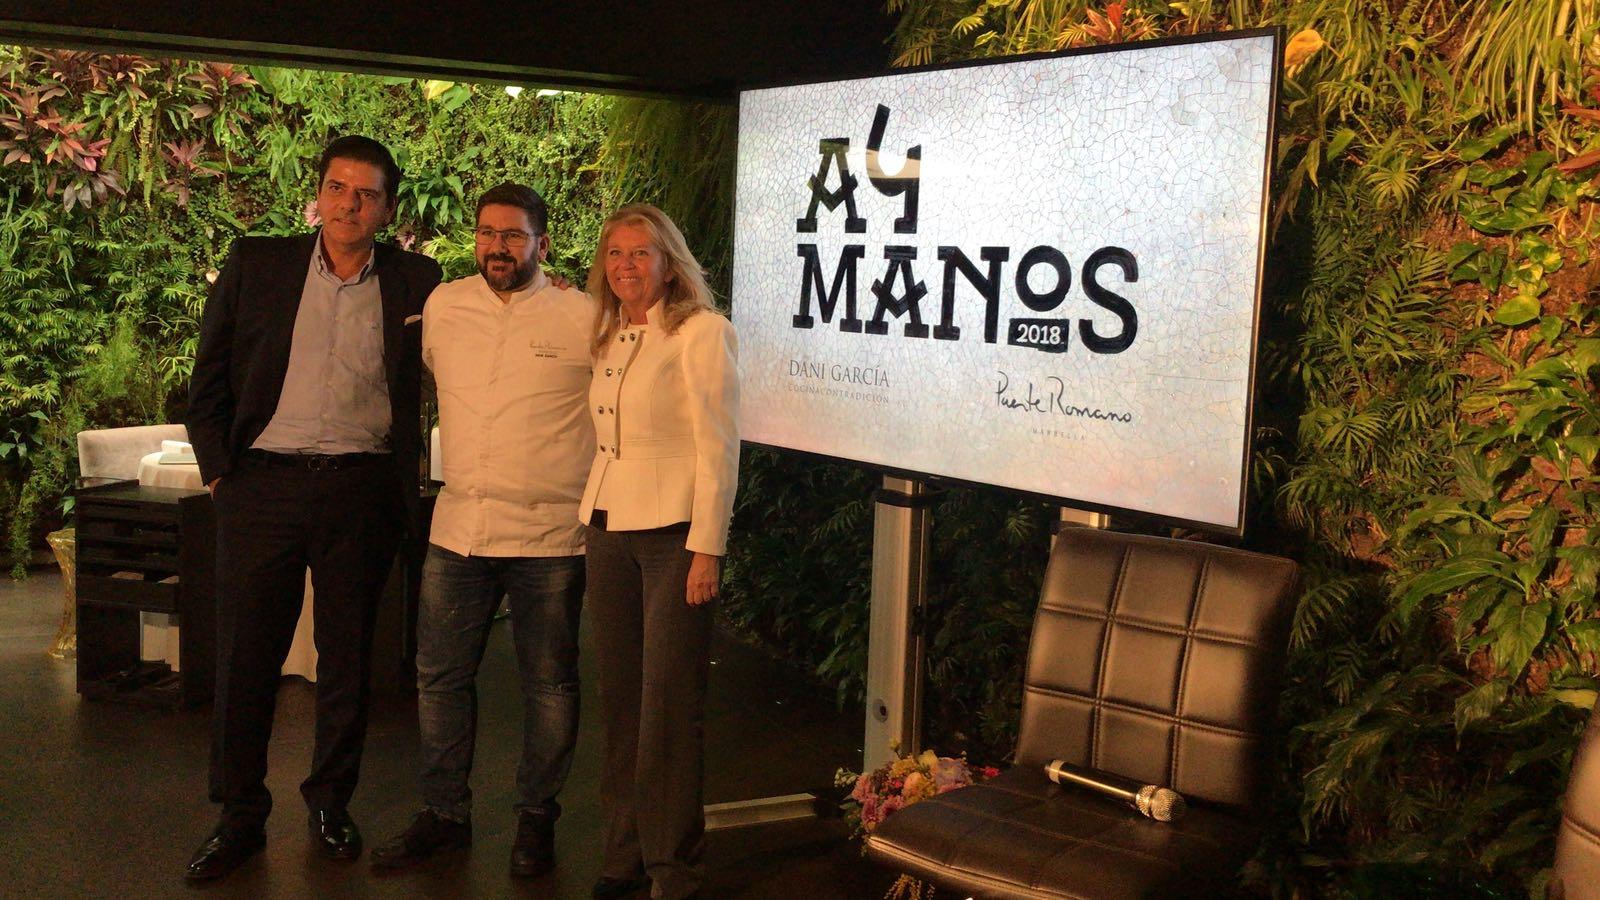 Dani García reunirá a una veintena de referentes de la alta gastronomía en el hotel Puente Romano